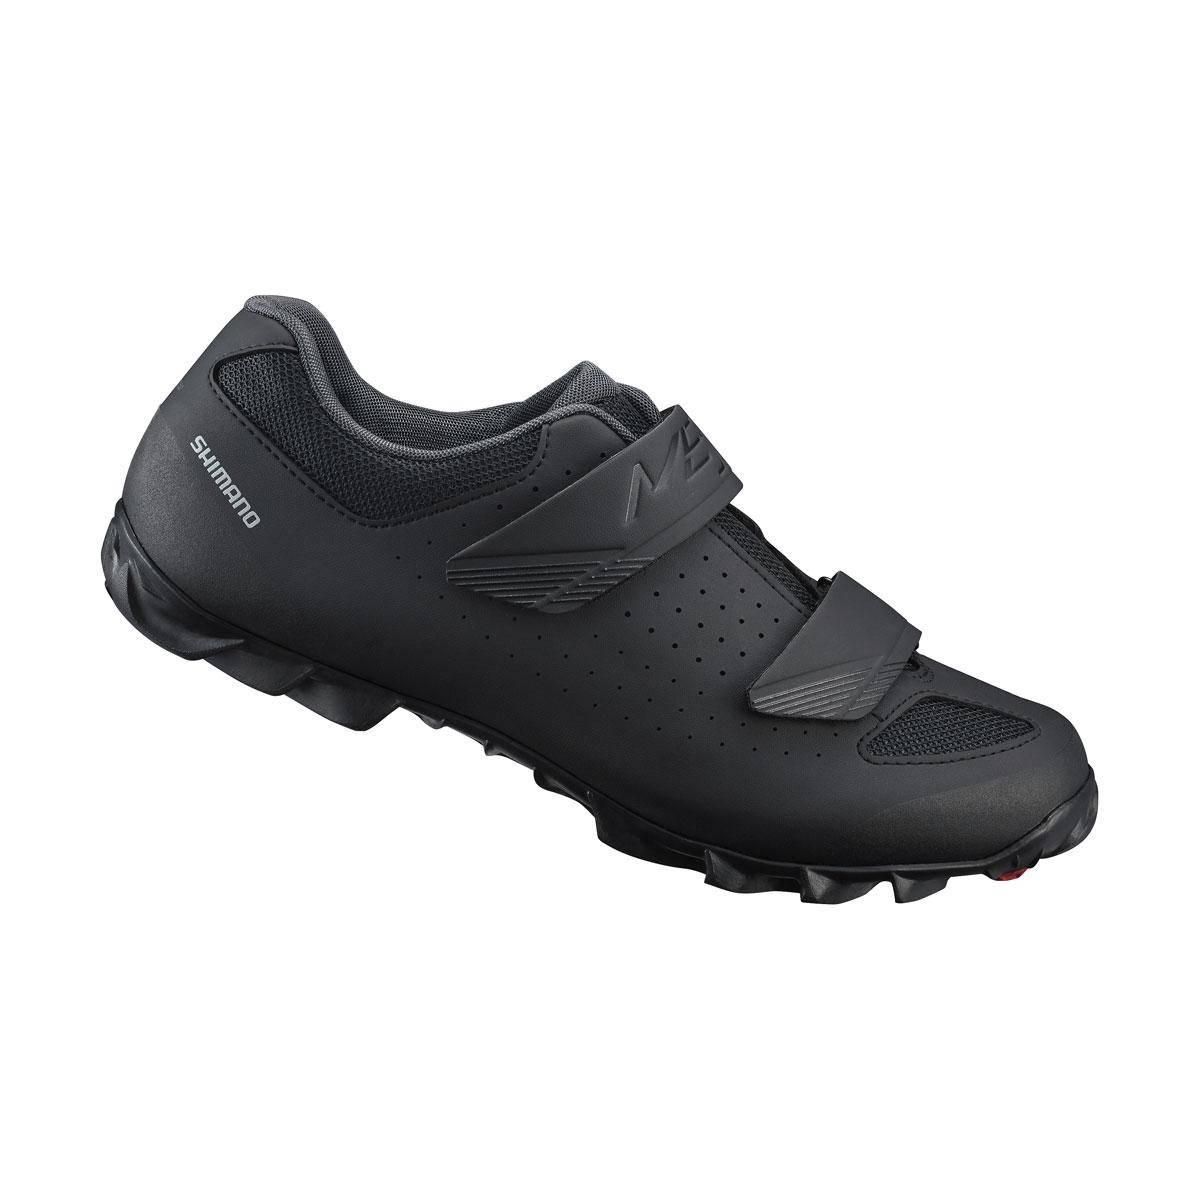 Shimano MTB obuv SH-ME100ML, černá, 41